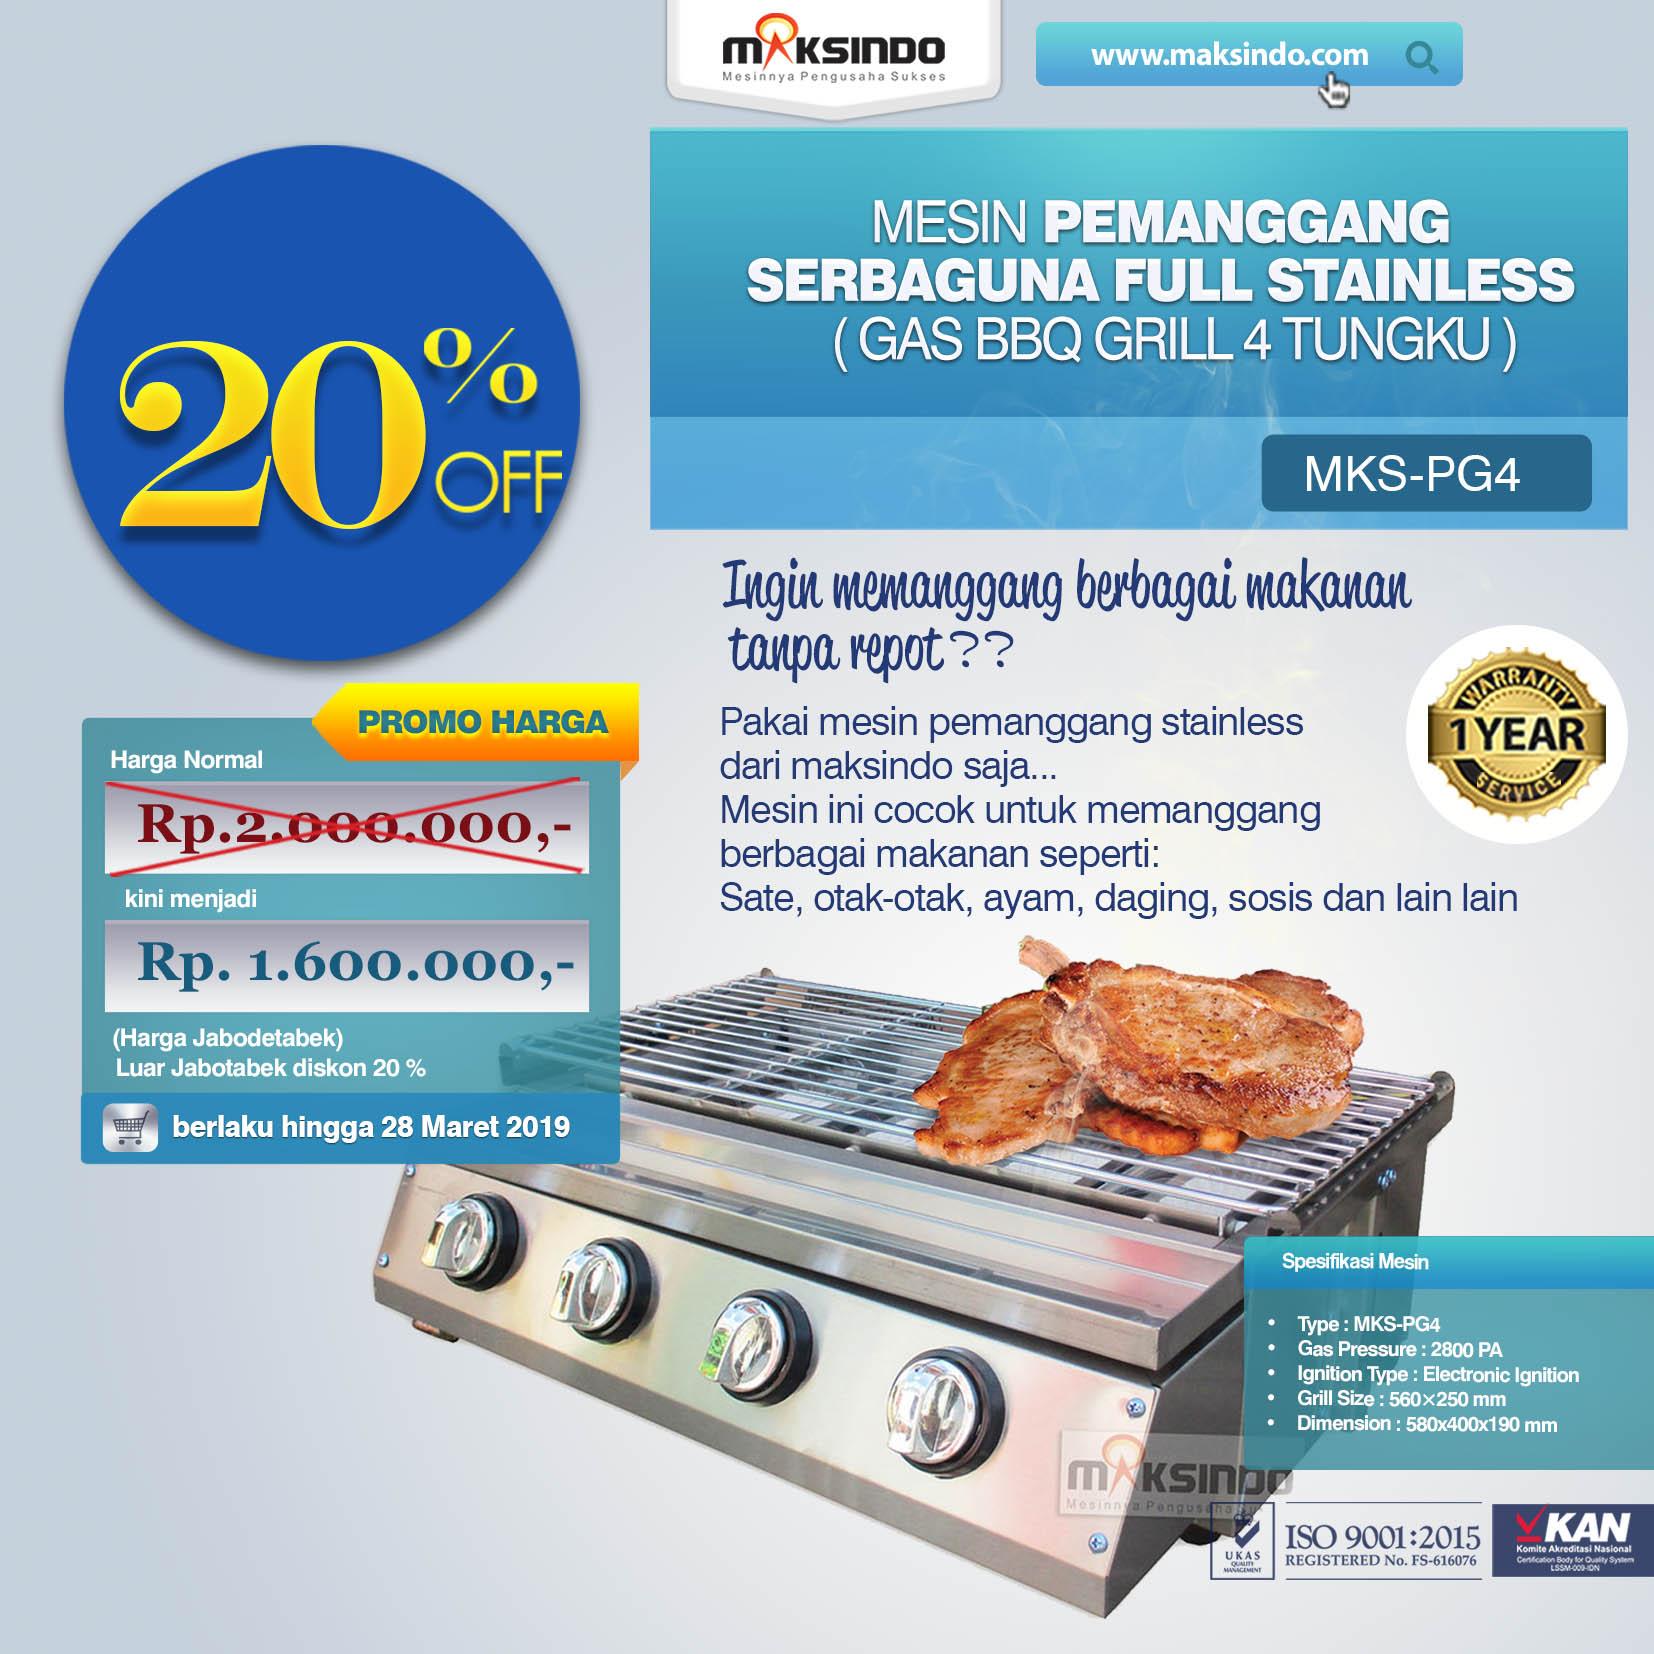 MKS-PG4 Pemanggang Serbaguna Gas BBQ Grill 4 Tungku